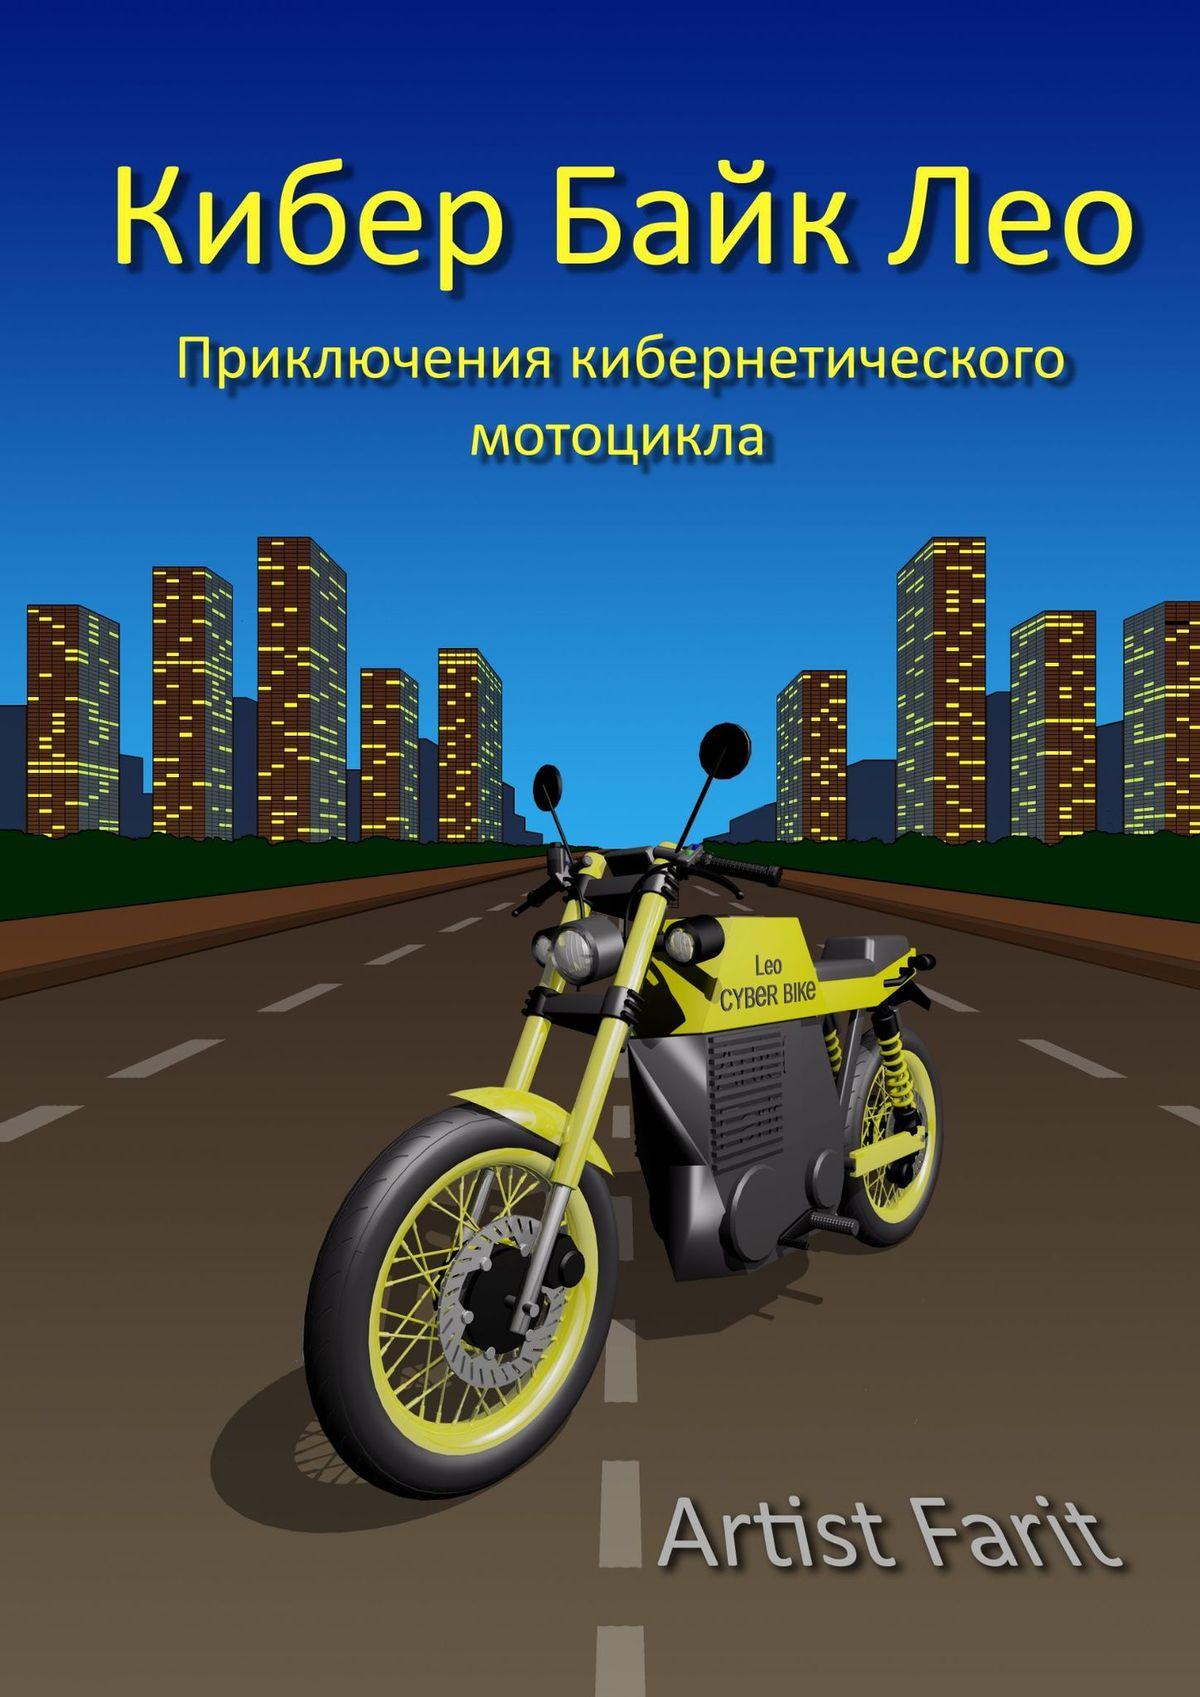 Farit Artist КиберБайкЛео. Приключения необычного мотоцикла сцепление для мотоцикла 125 ybr125